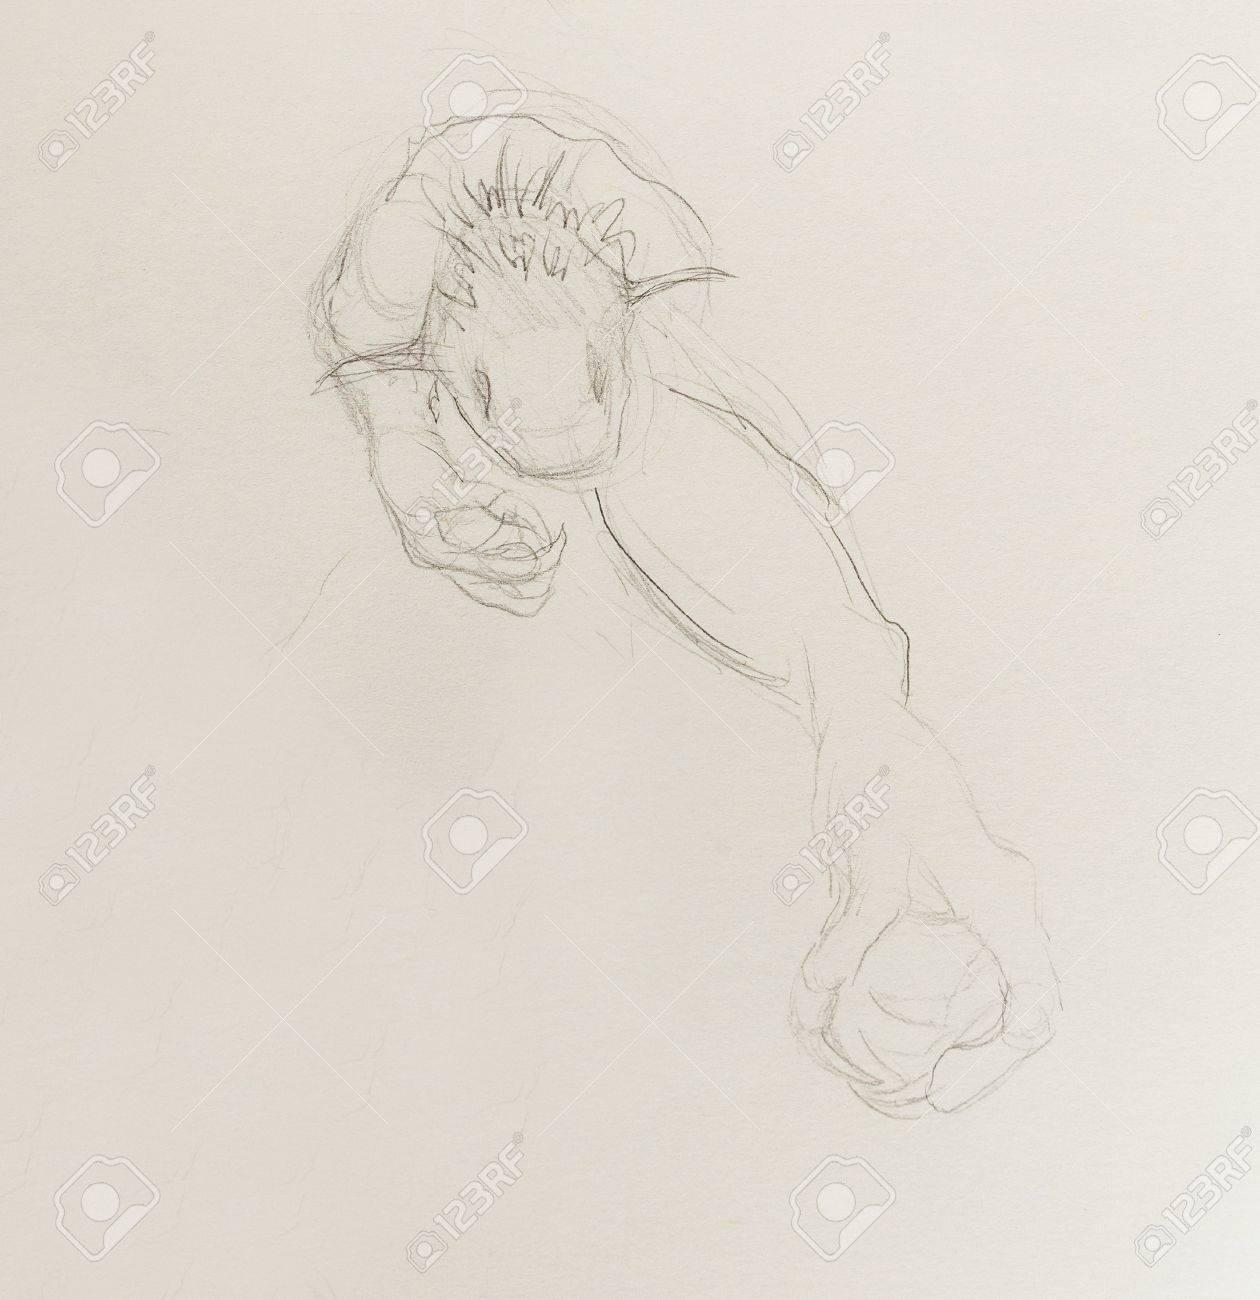 Dibujo De Monstruo Dibujo A Lápiz Sobre Papel Dibujar A Mano Original